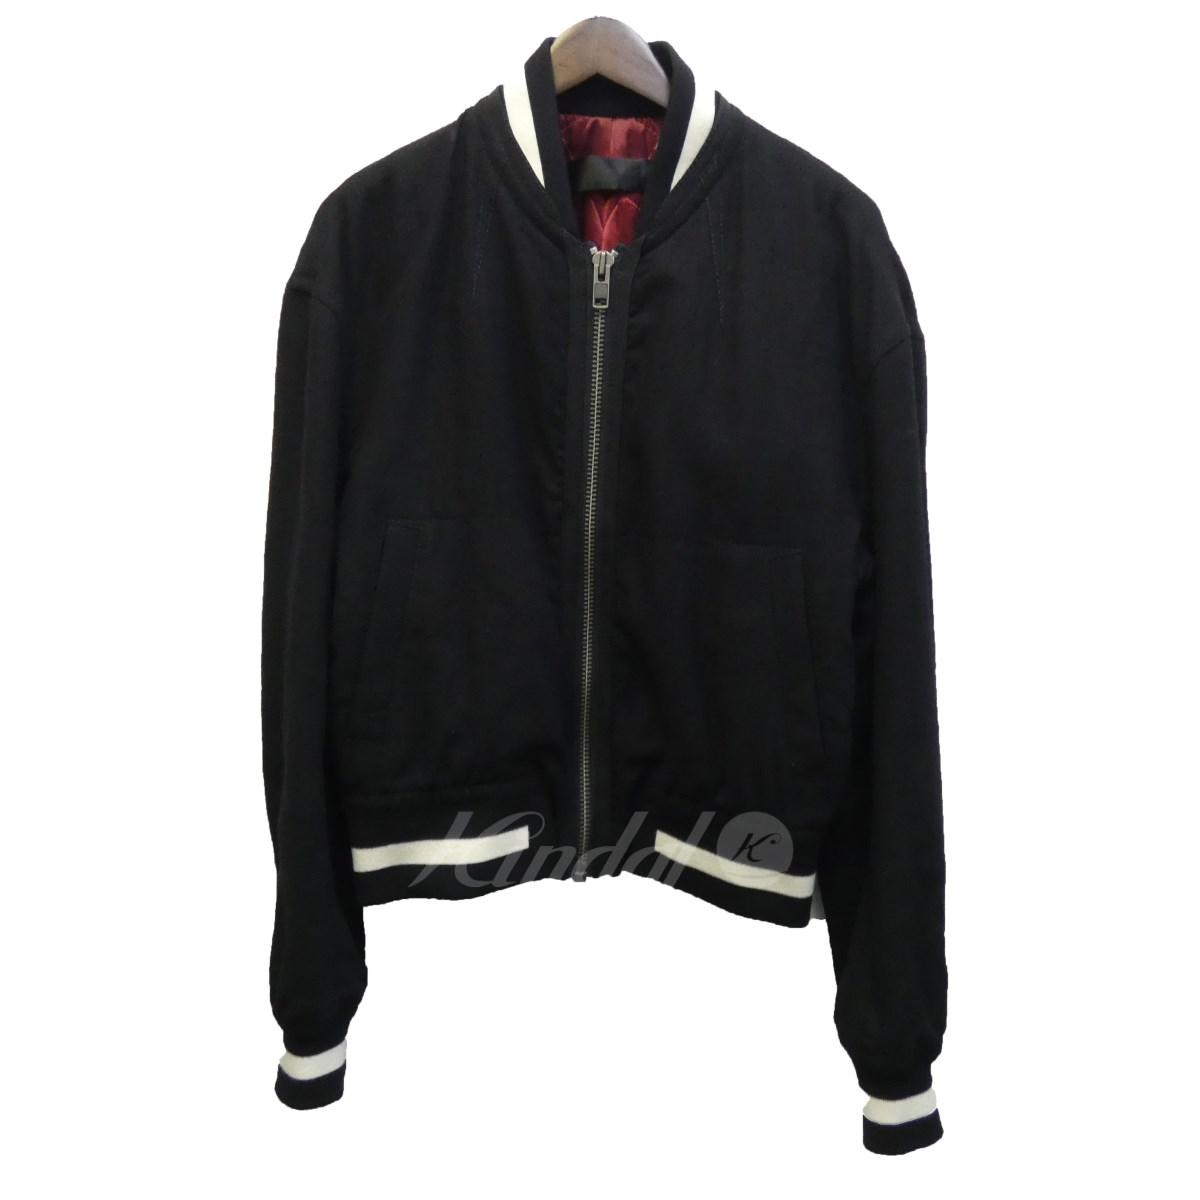 【中古】HAIDER ACKERMANN ボンバージャケット ブラック サイズ:S 【送料無料】 【061018】(ハイダーアッカーマン)